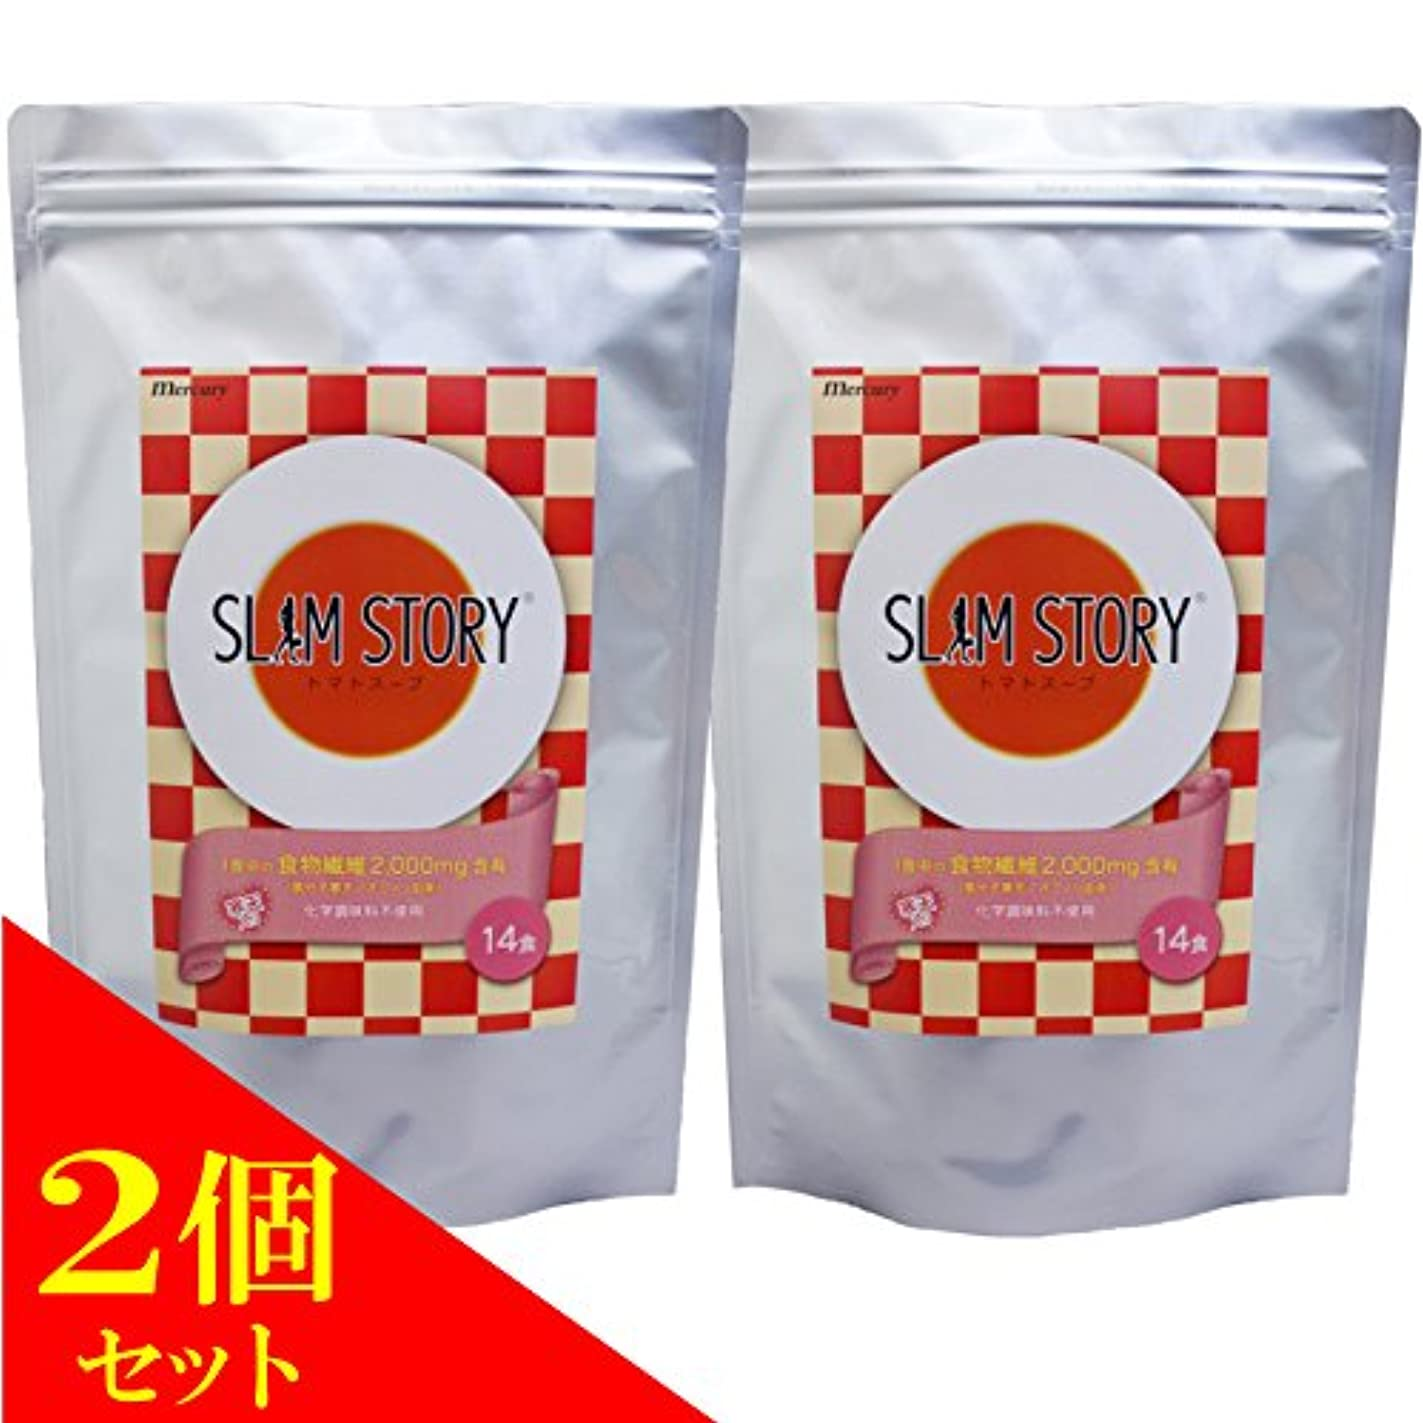 患者費用実験室(2個) マーキュリー SLIM STORY トマトスープ 14食×2袋セット/化学調味料 不使用(4947041155022)